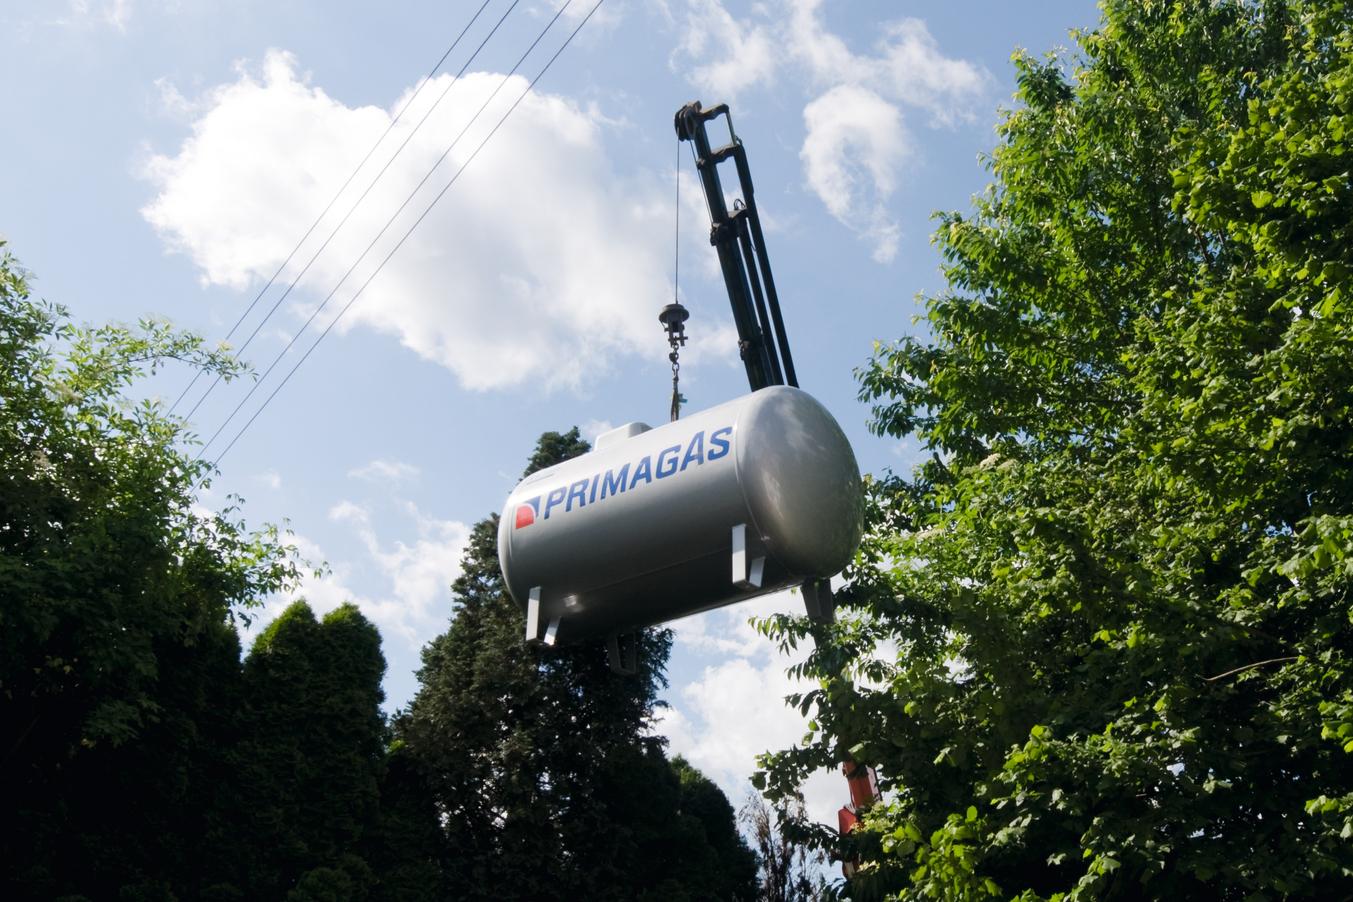 PRIMAGAS - Flüssiggasversorgung für Einfamilienhäuser, Privatkundenversorgung